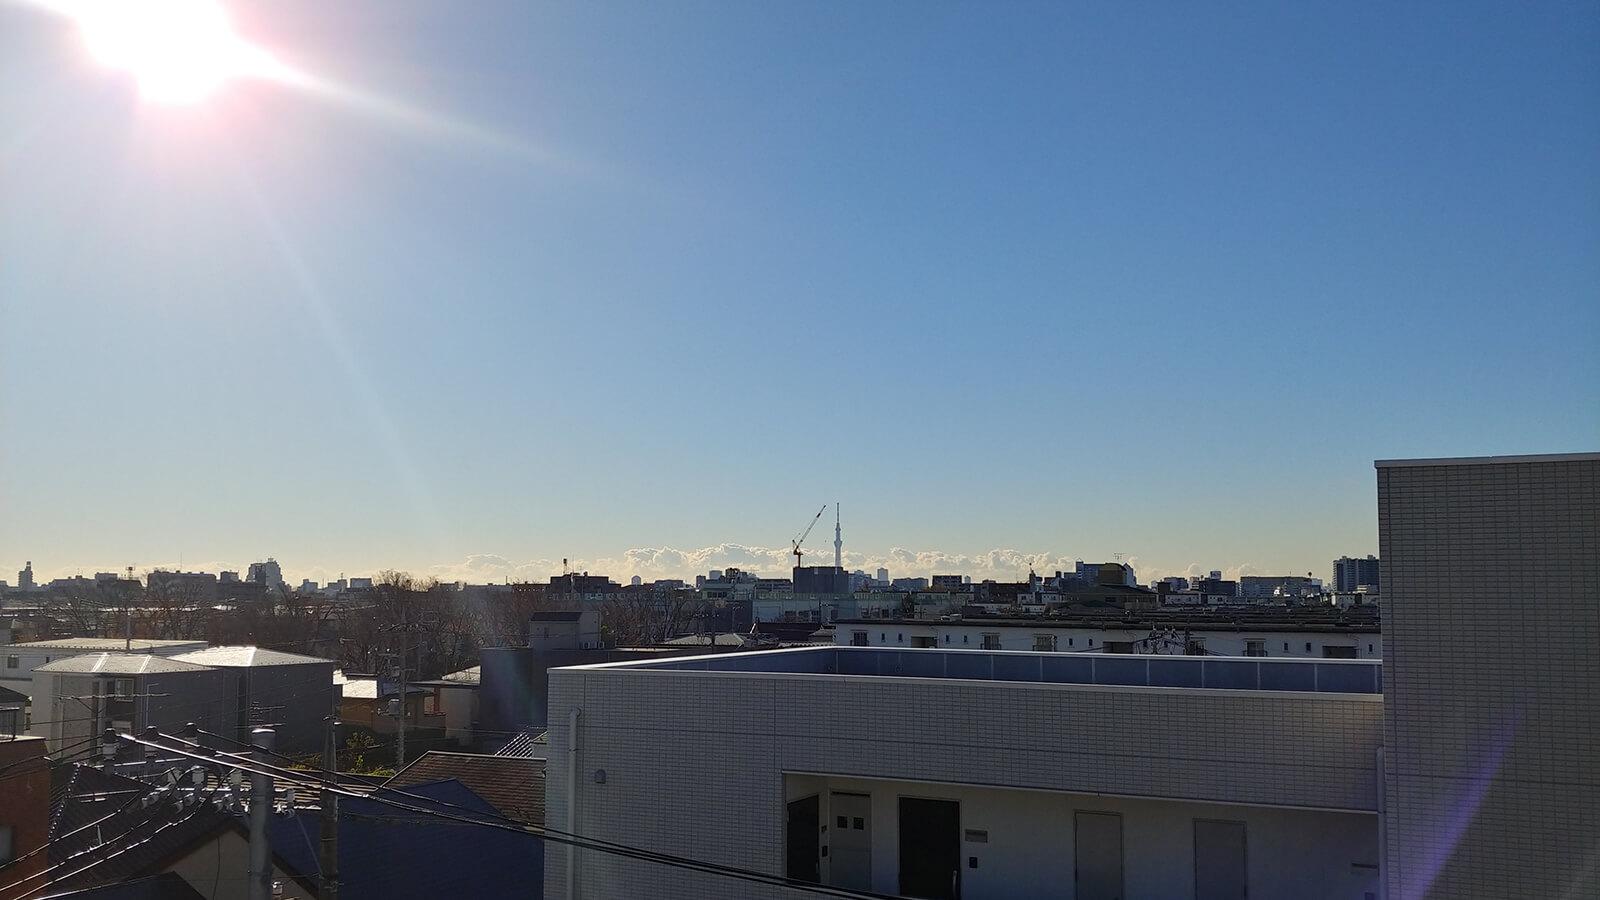 眺めも風通しも良いきれいな就労移行支援事業所画像8